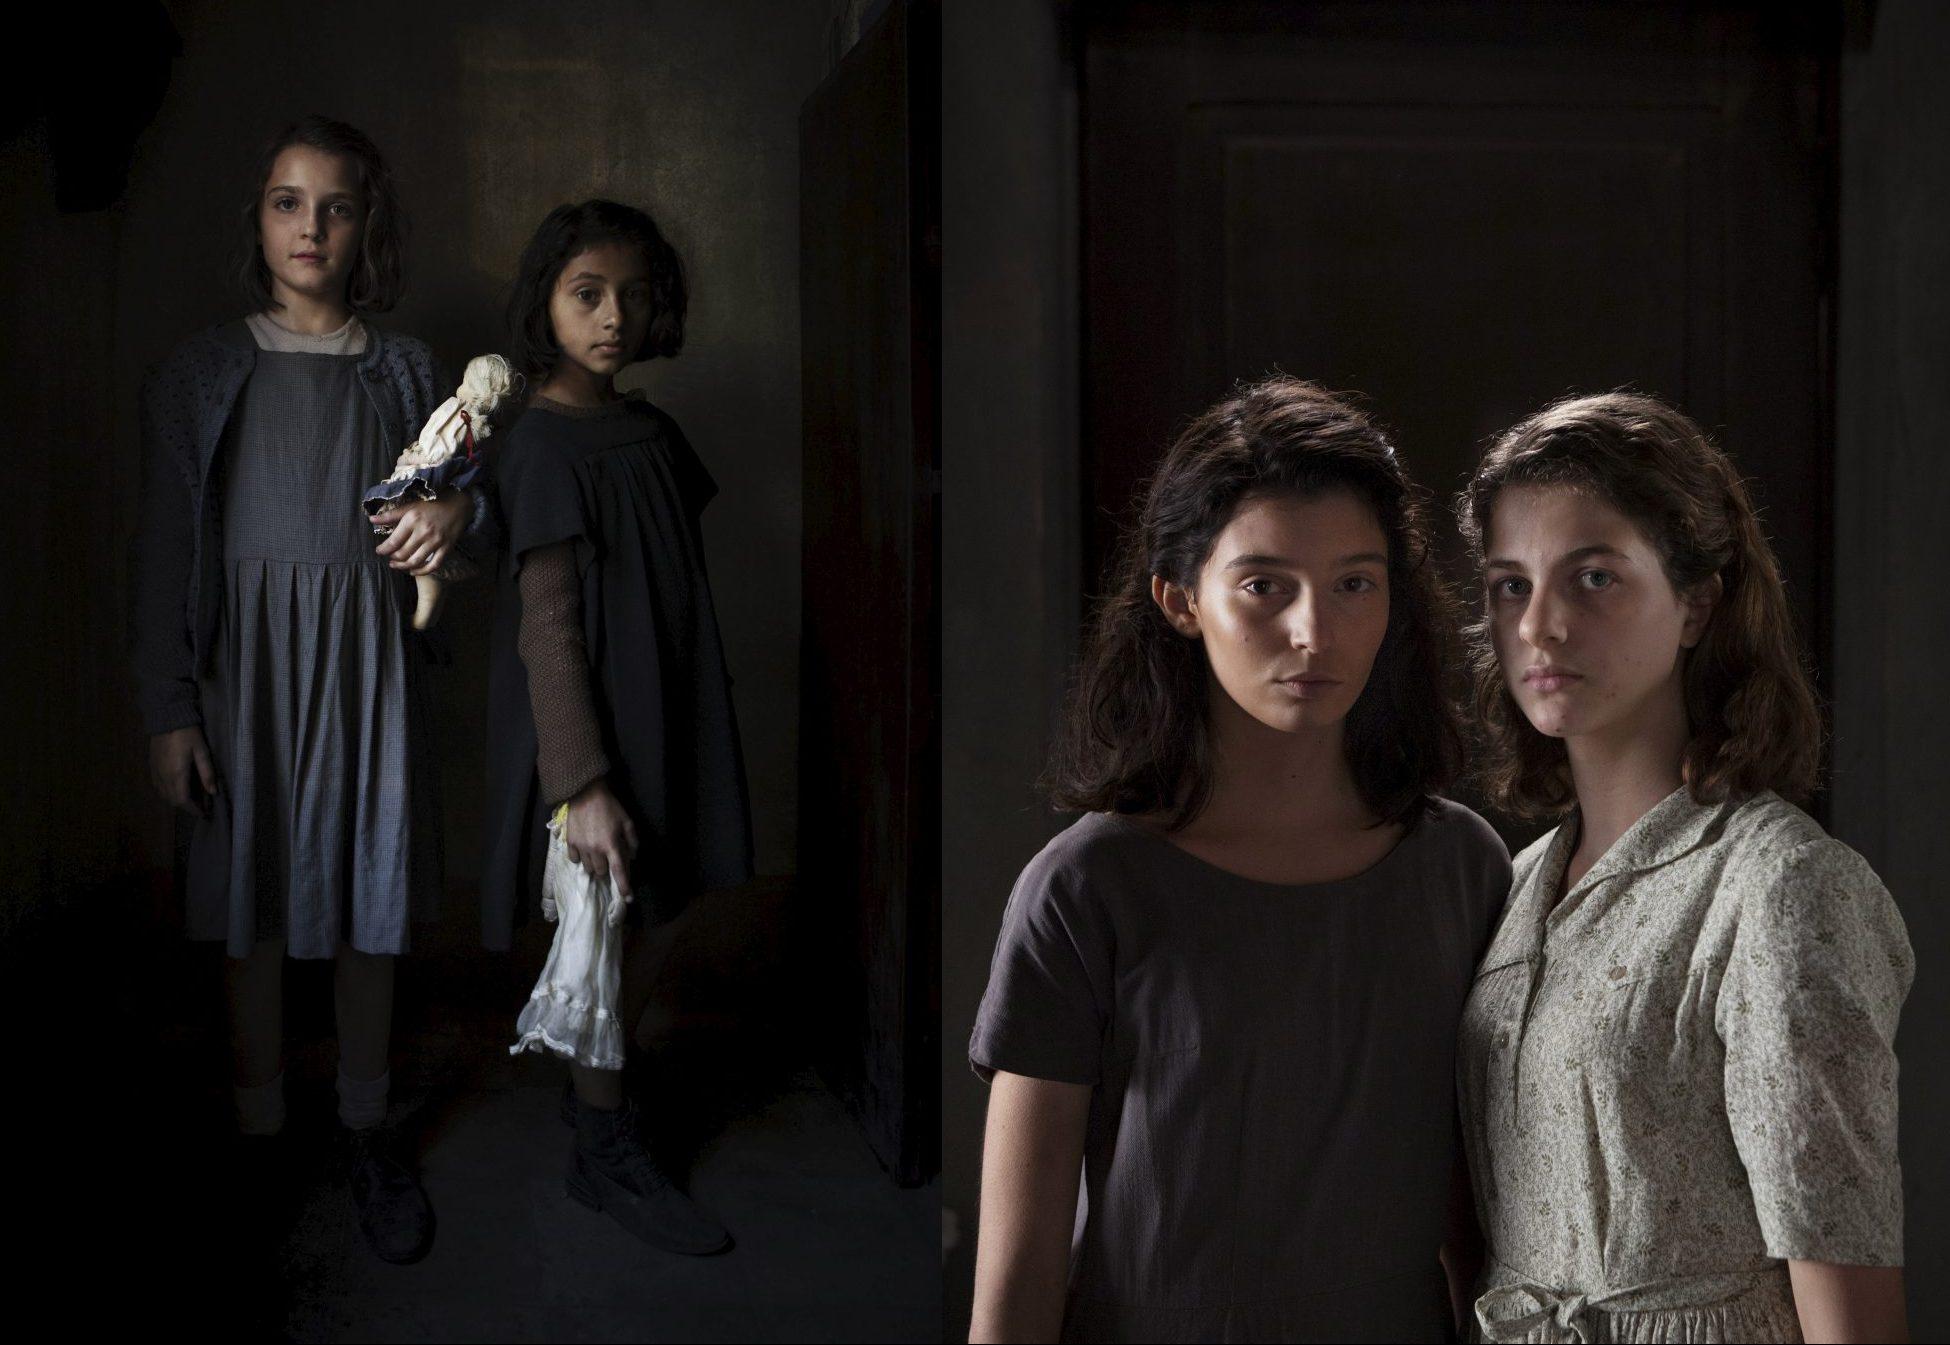 Som barn spilles Elena Greco av Elisa Del Genio, venninnen Raffaella Lila Cerullo av Ludovica Nasti, før tenåringsrollene overtas av Margherita Mazzucco og Gaia Girace. Foto: HBO / Handout